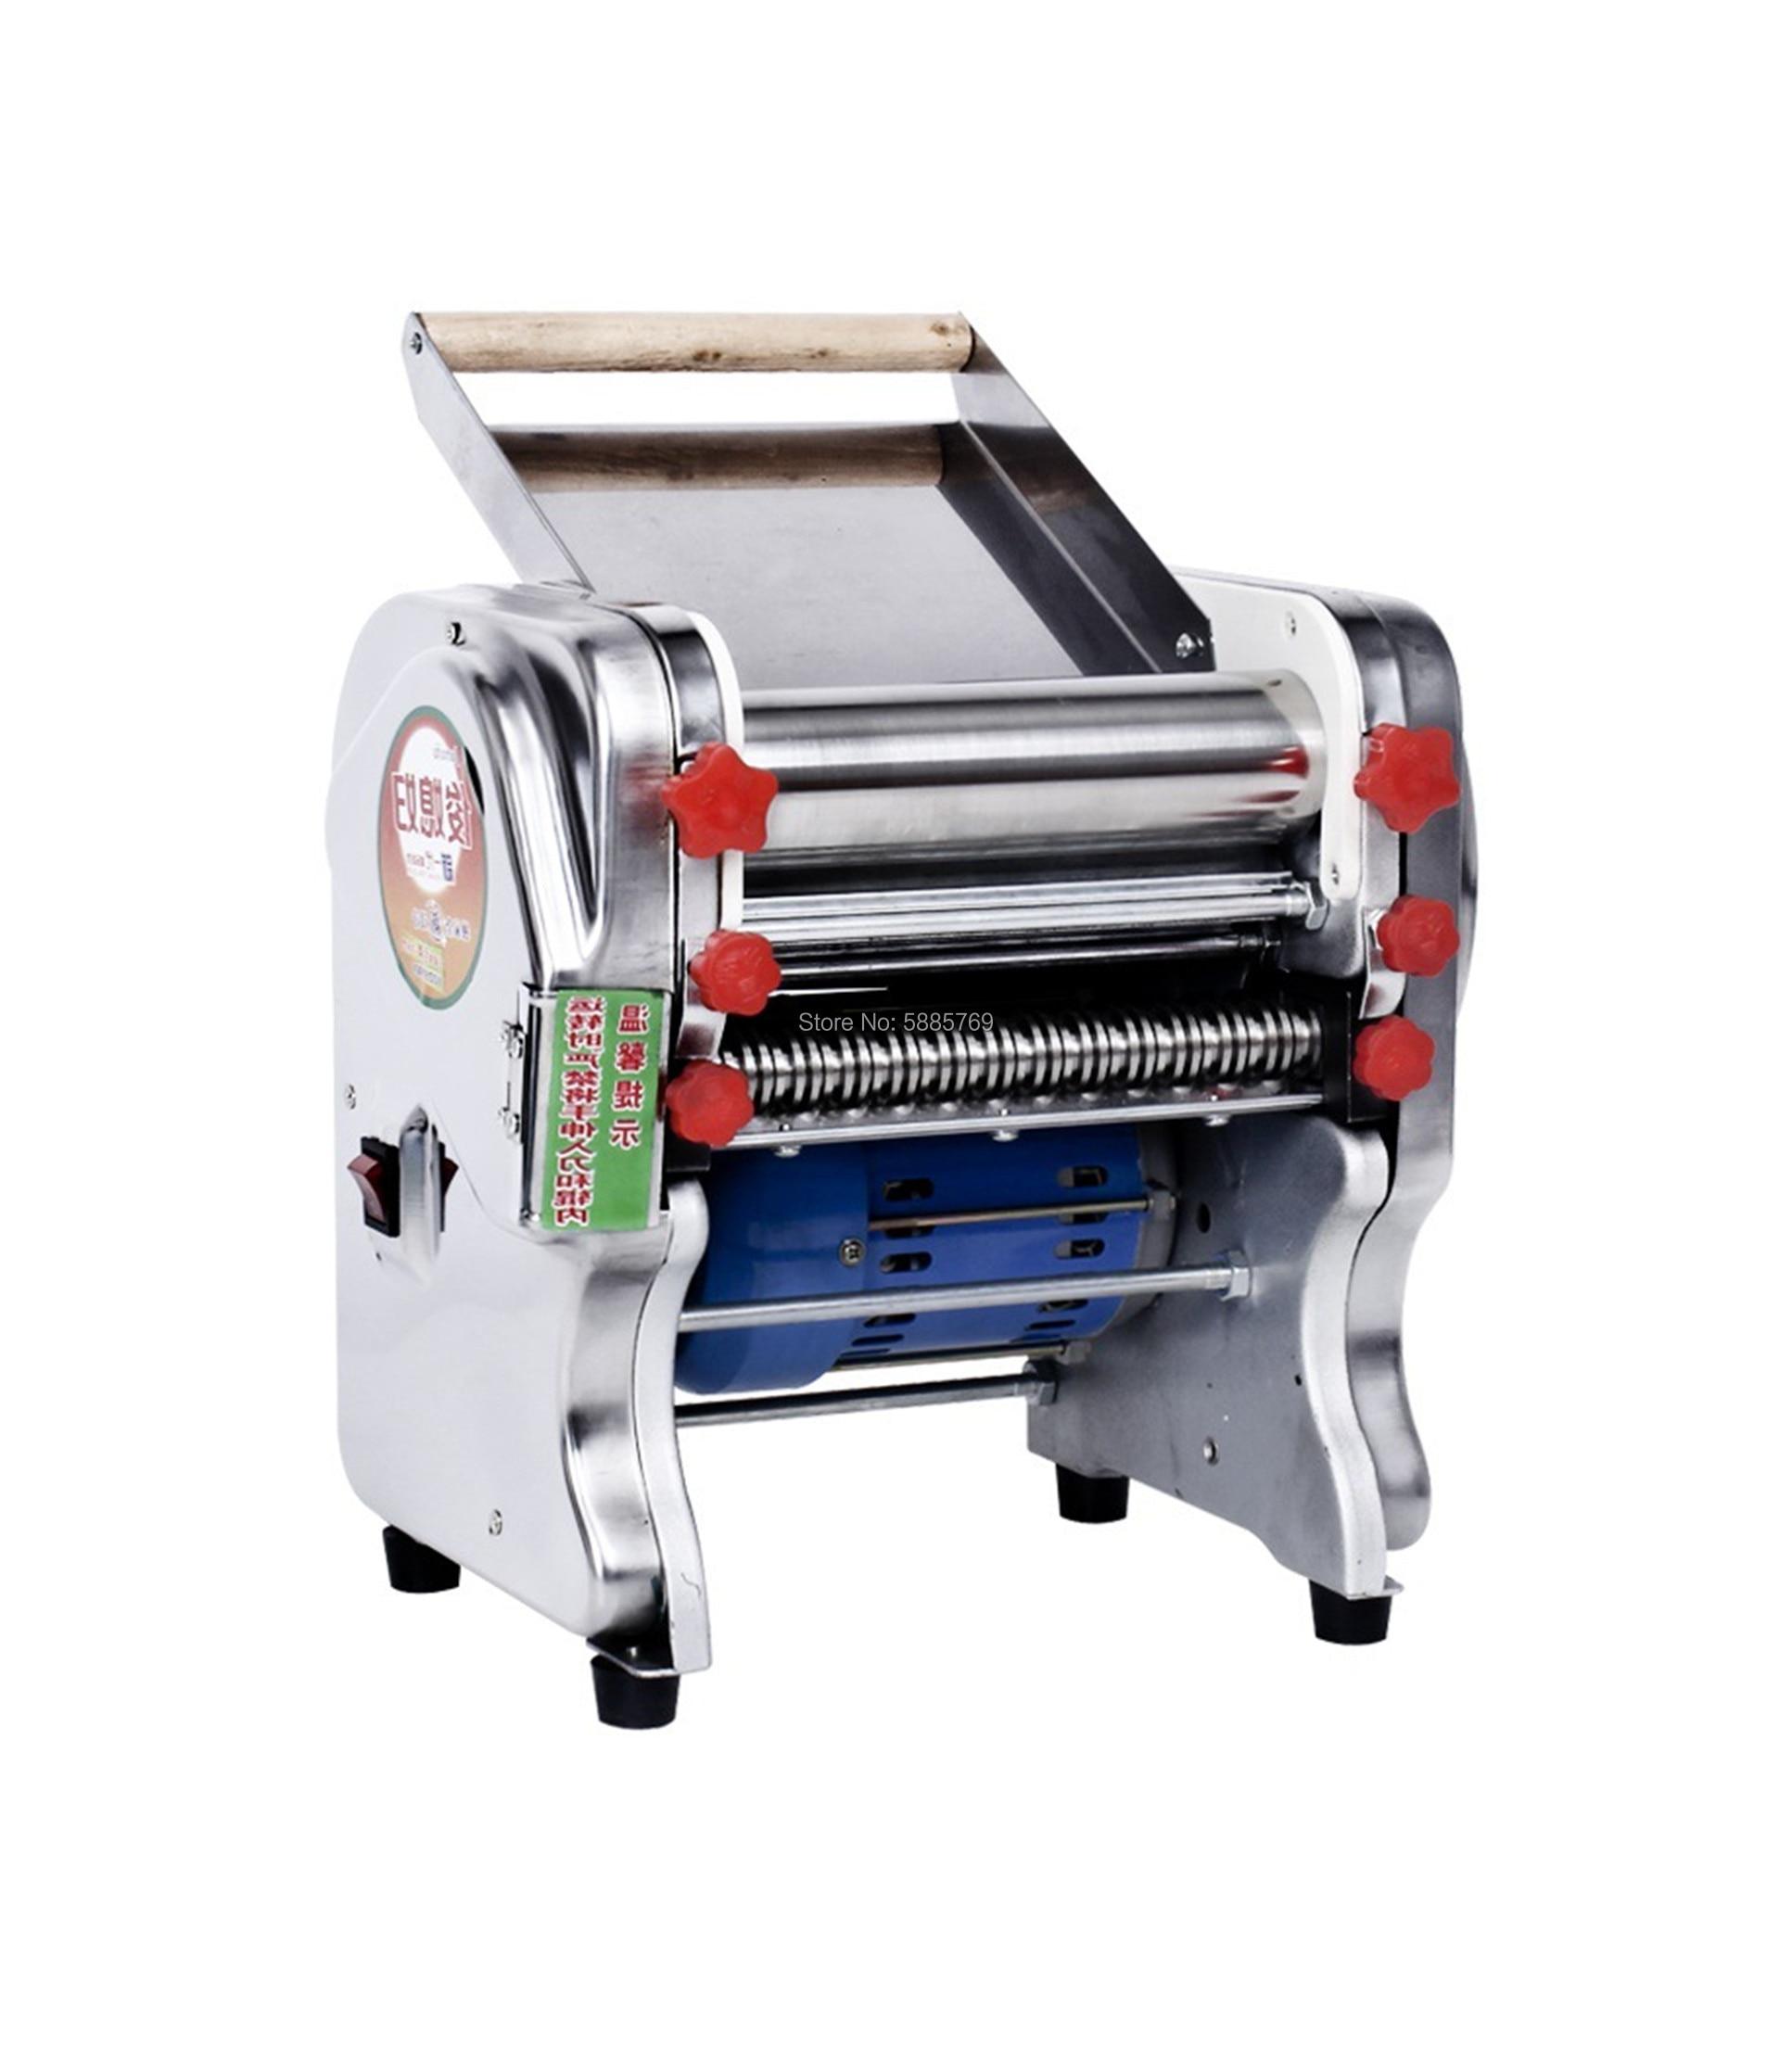 Máquina de prensado de pasta eléctrica de acero inoxidable para el hogar, máquina comercial de corte de fideos eléctricos